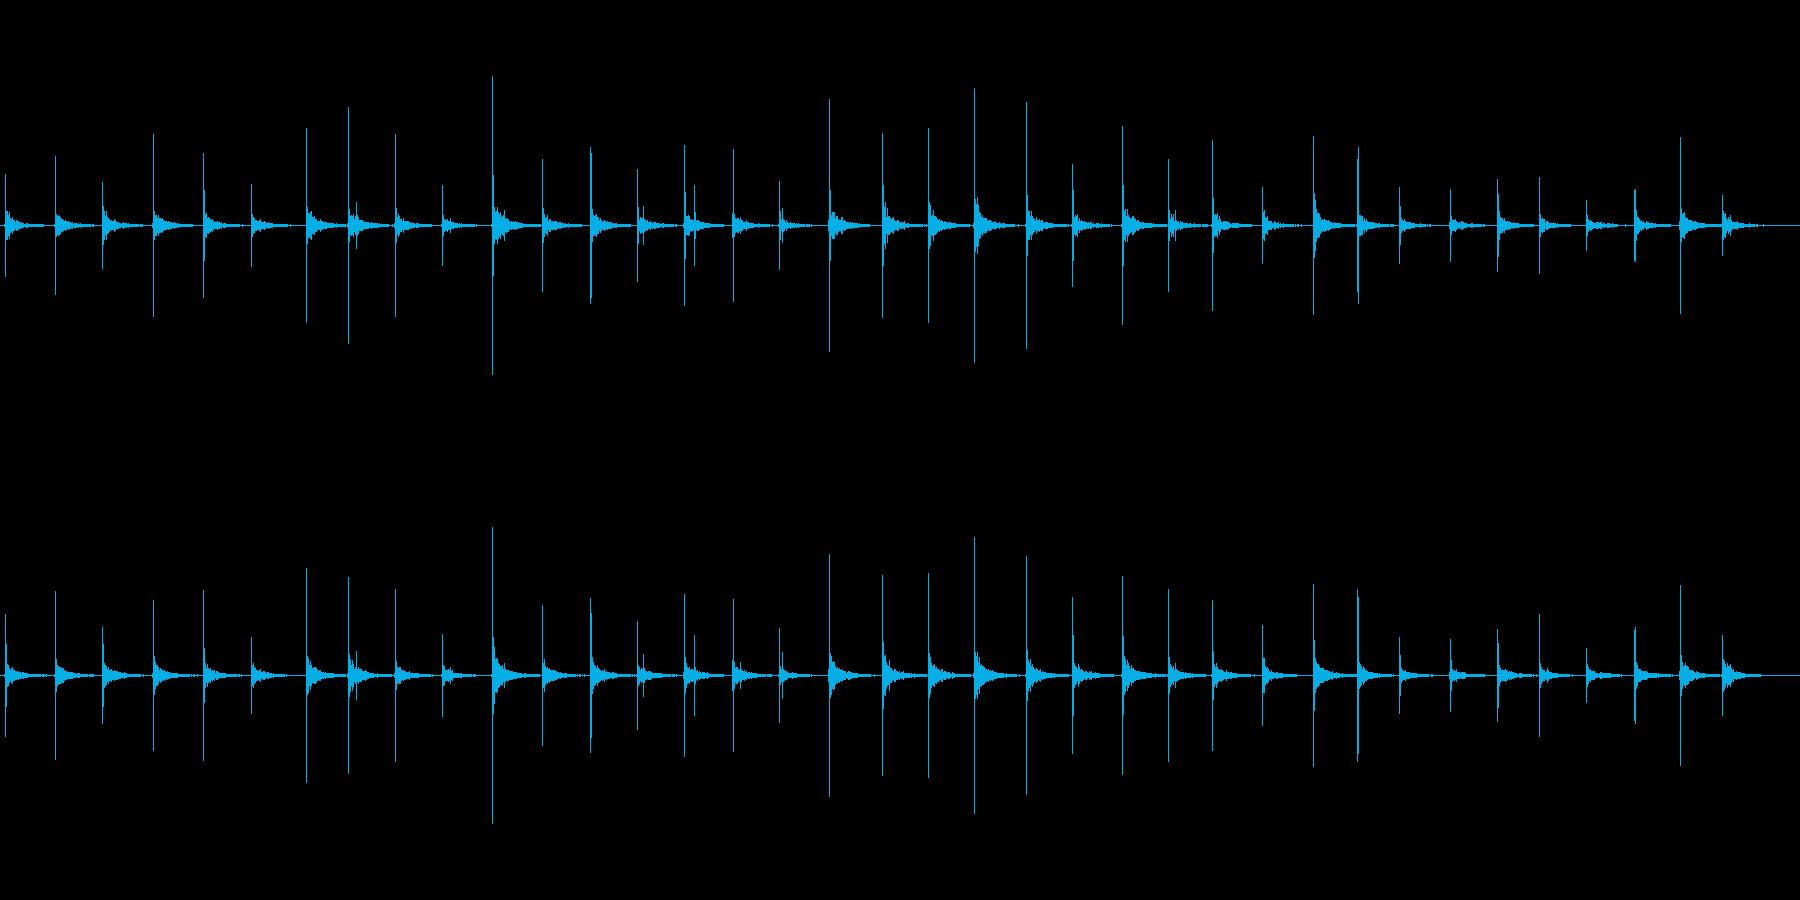 恐怖シリーズ9.ハイヒールで歩く音の再生済みの波形